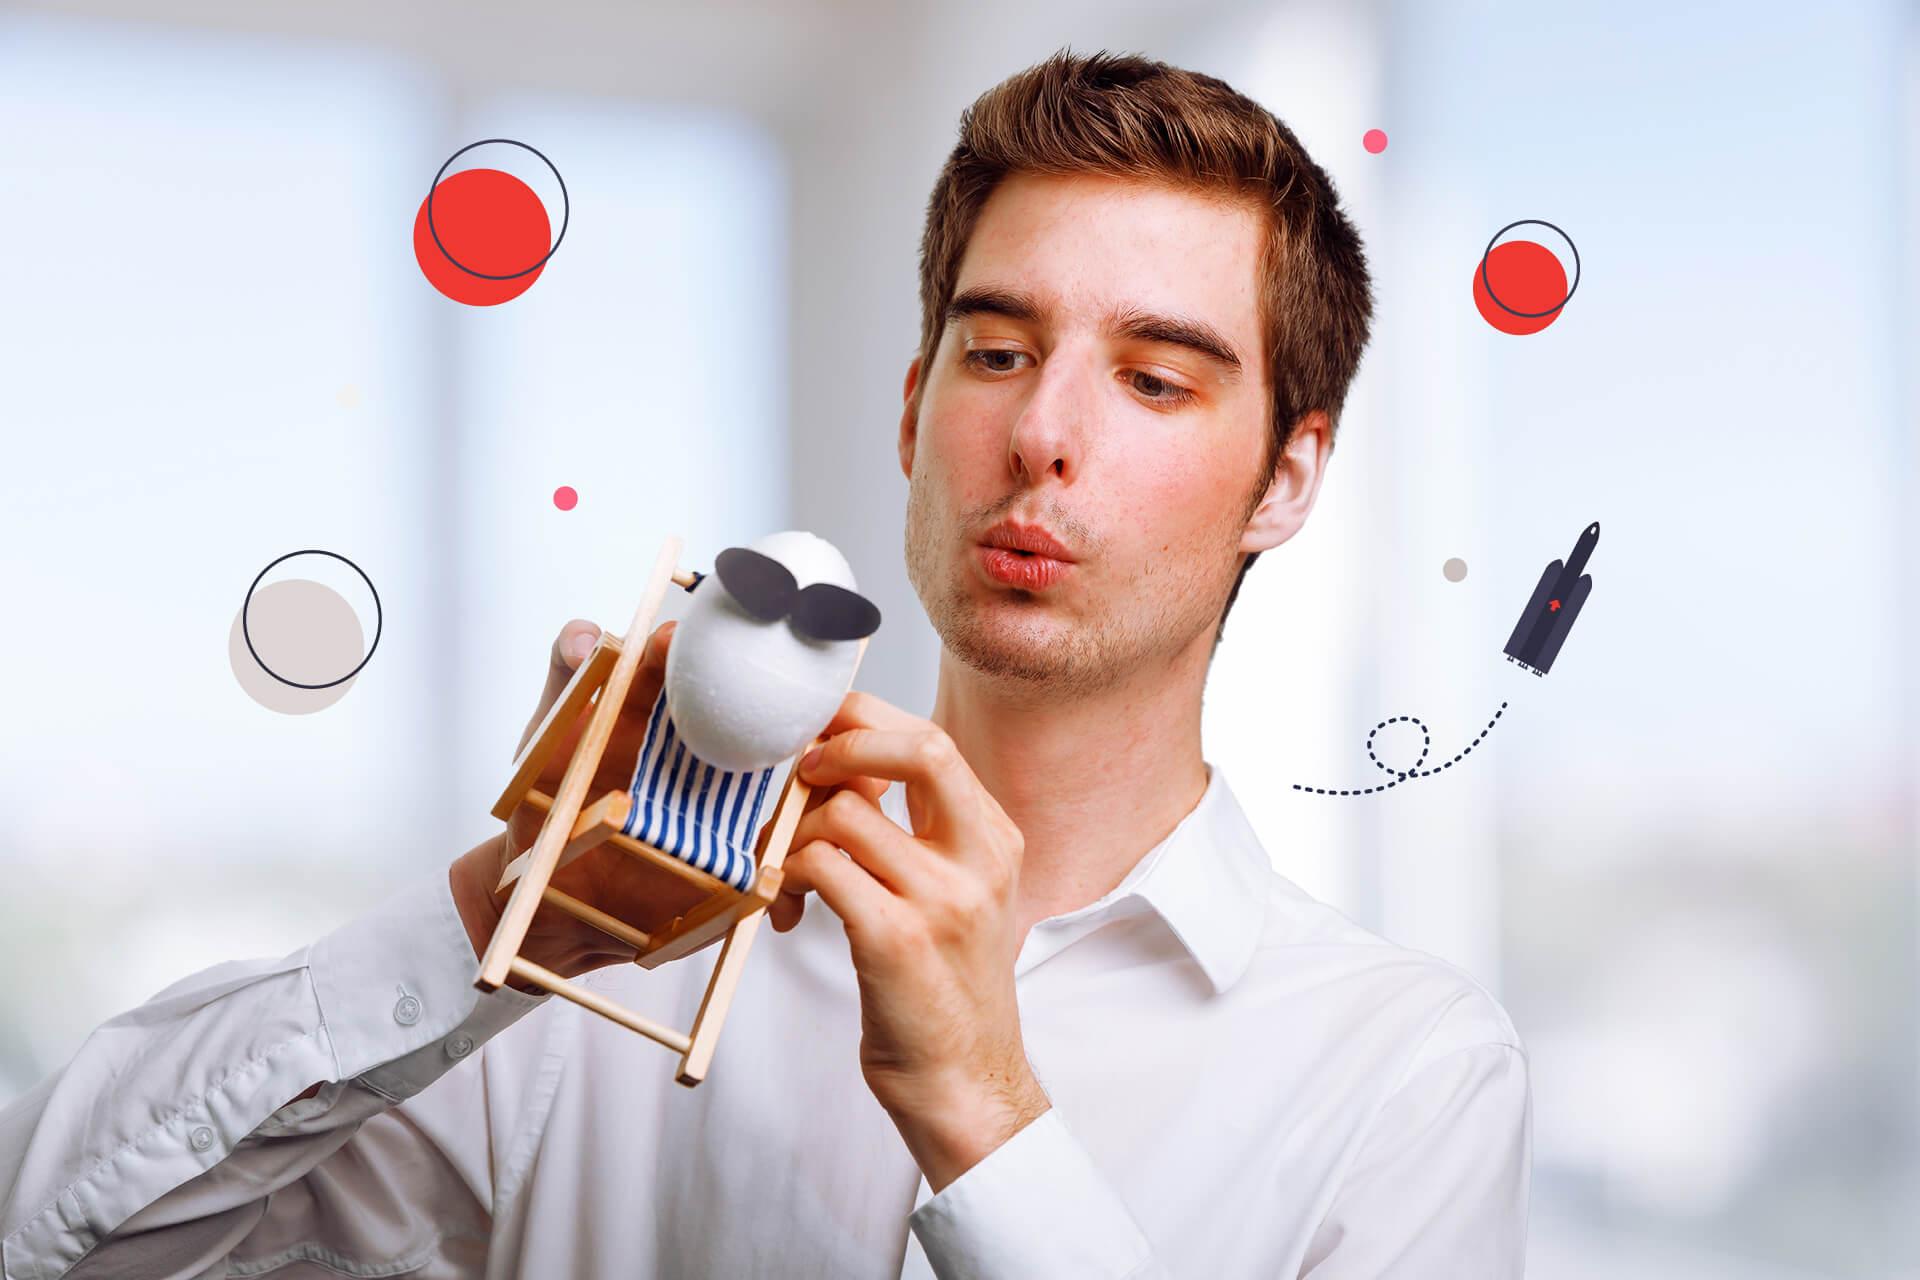 Spaßbild Filipe Mandelli von eggheads   eggheads.net